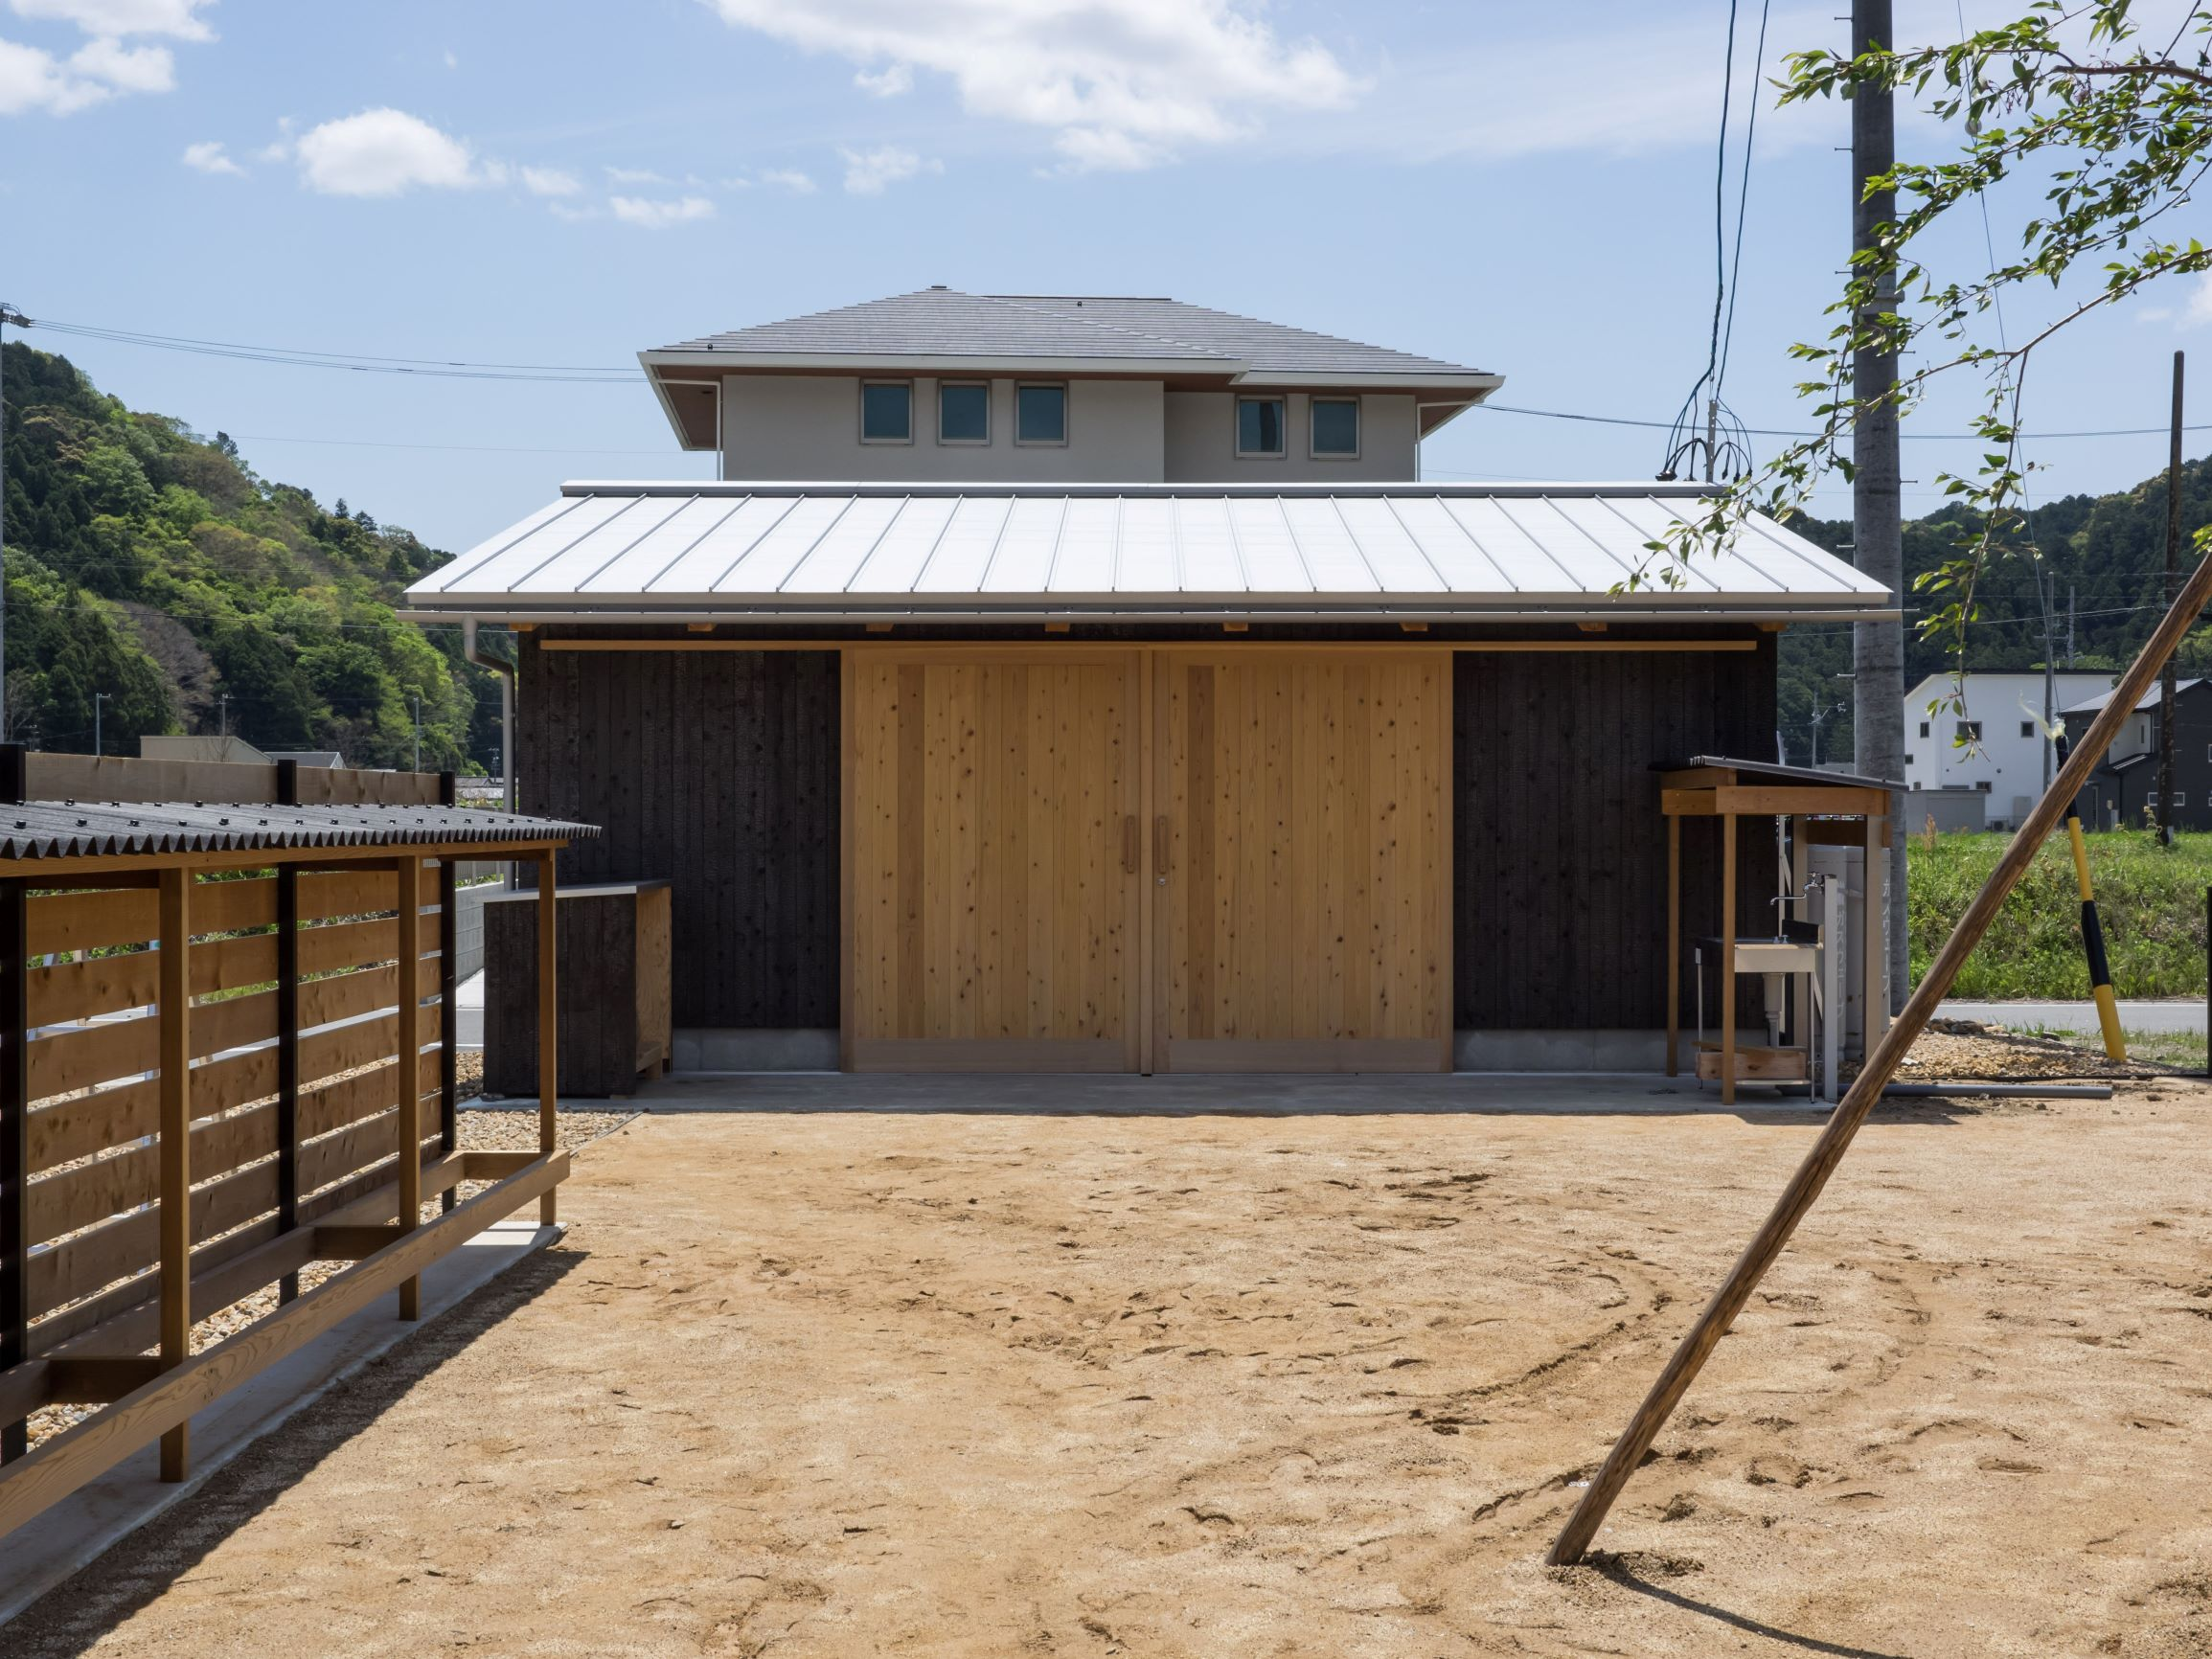 石牧建築【趣味、自然素材、平屋】中庭を挟んで、奥に見えるのが吹きガラス工房。大きな格子戸を介して、外と中のつながりを感じながらおおらかに暮らすことができる